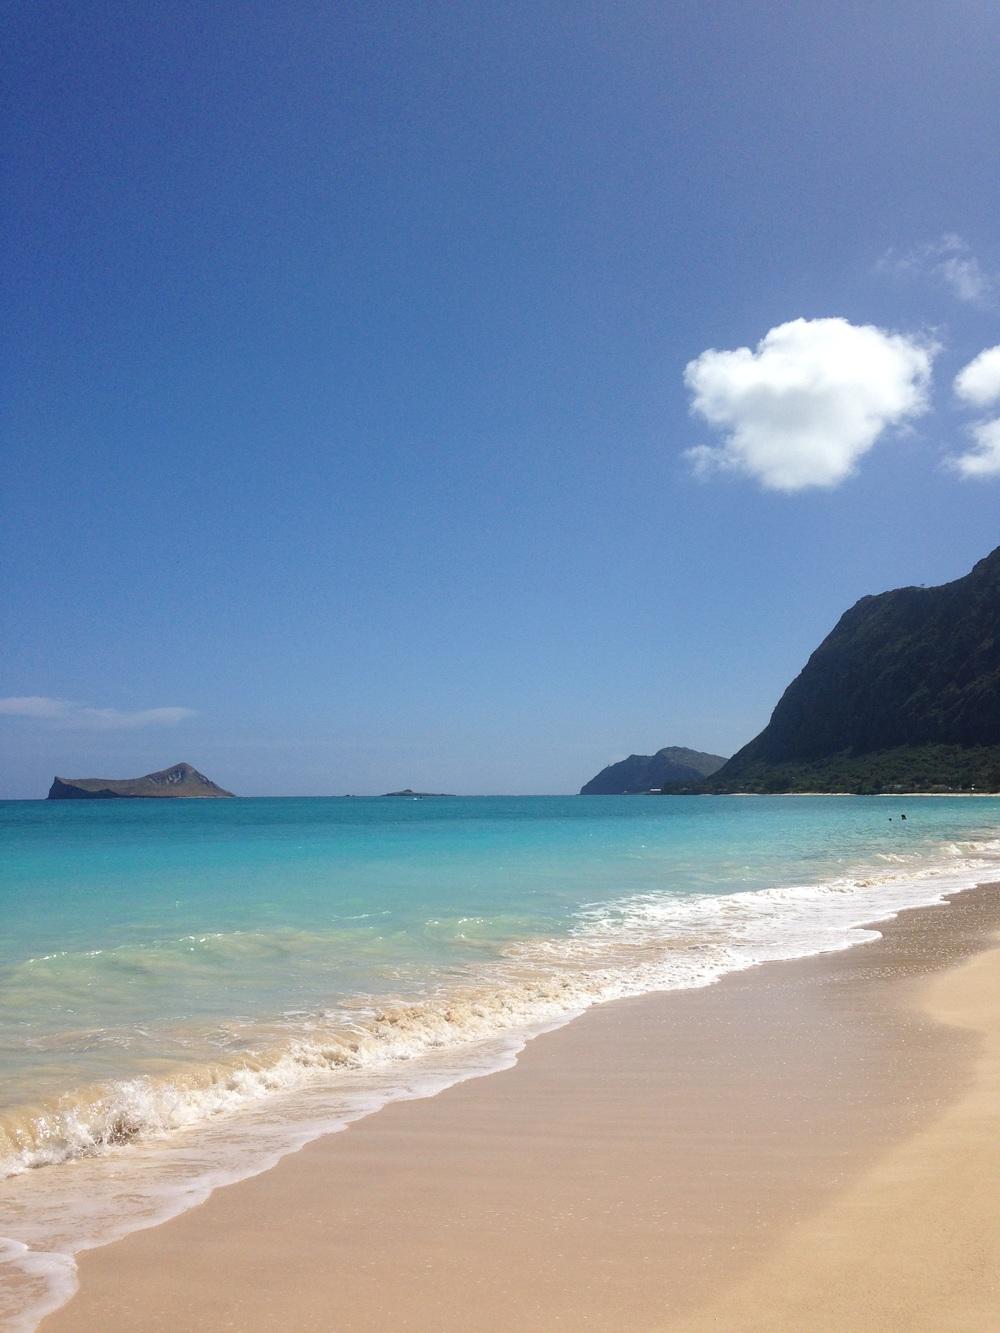 Waimanalo, my favorite beach.